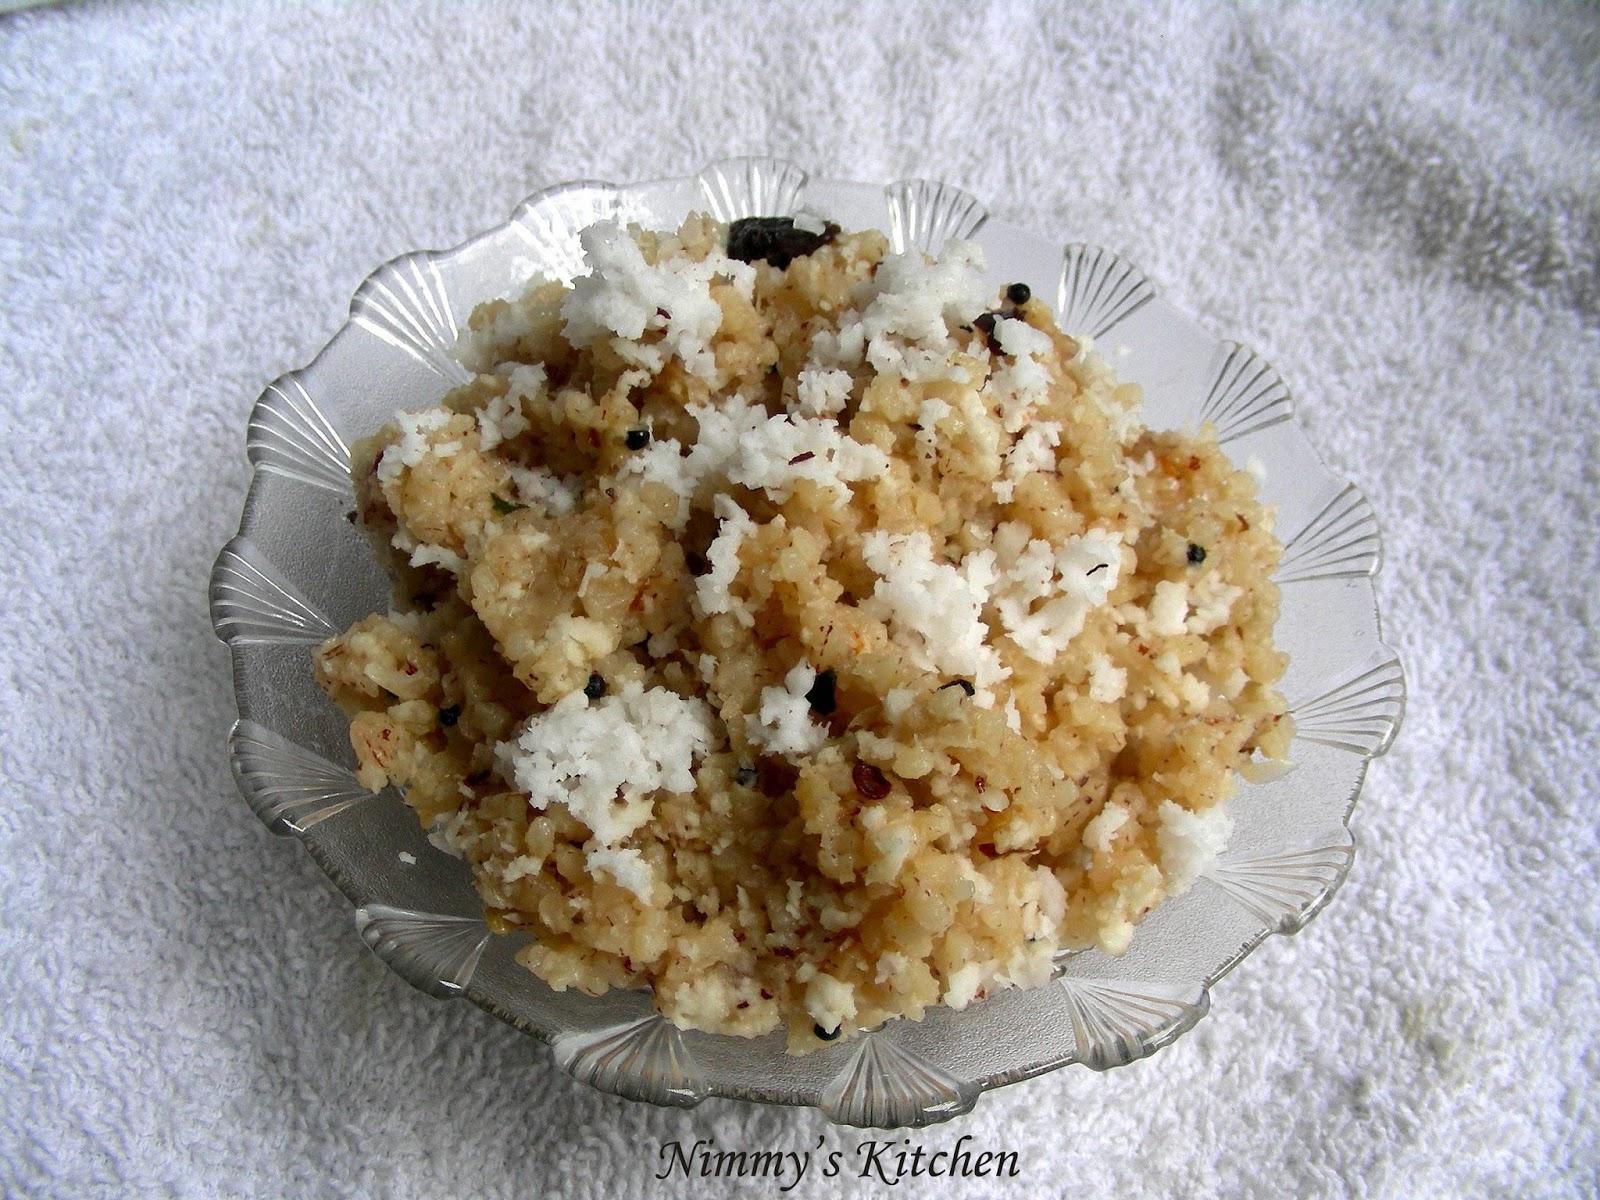 Nimmy's Kitchen: Broken Matta Rice Upma